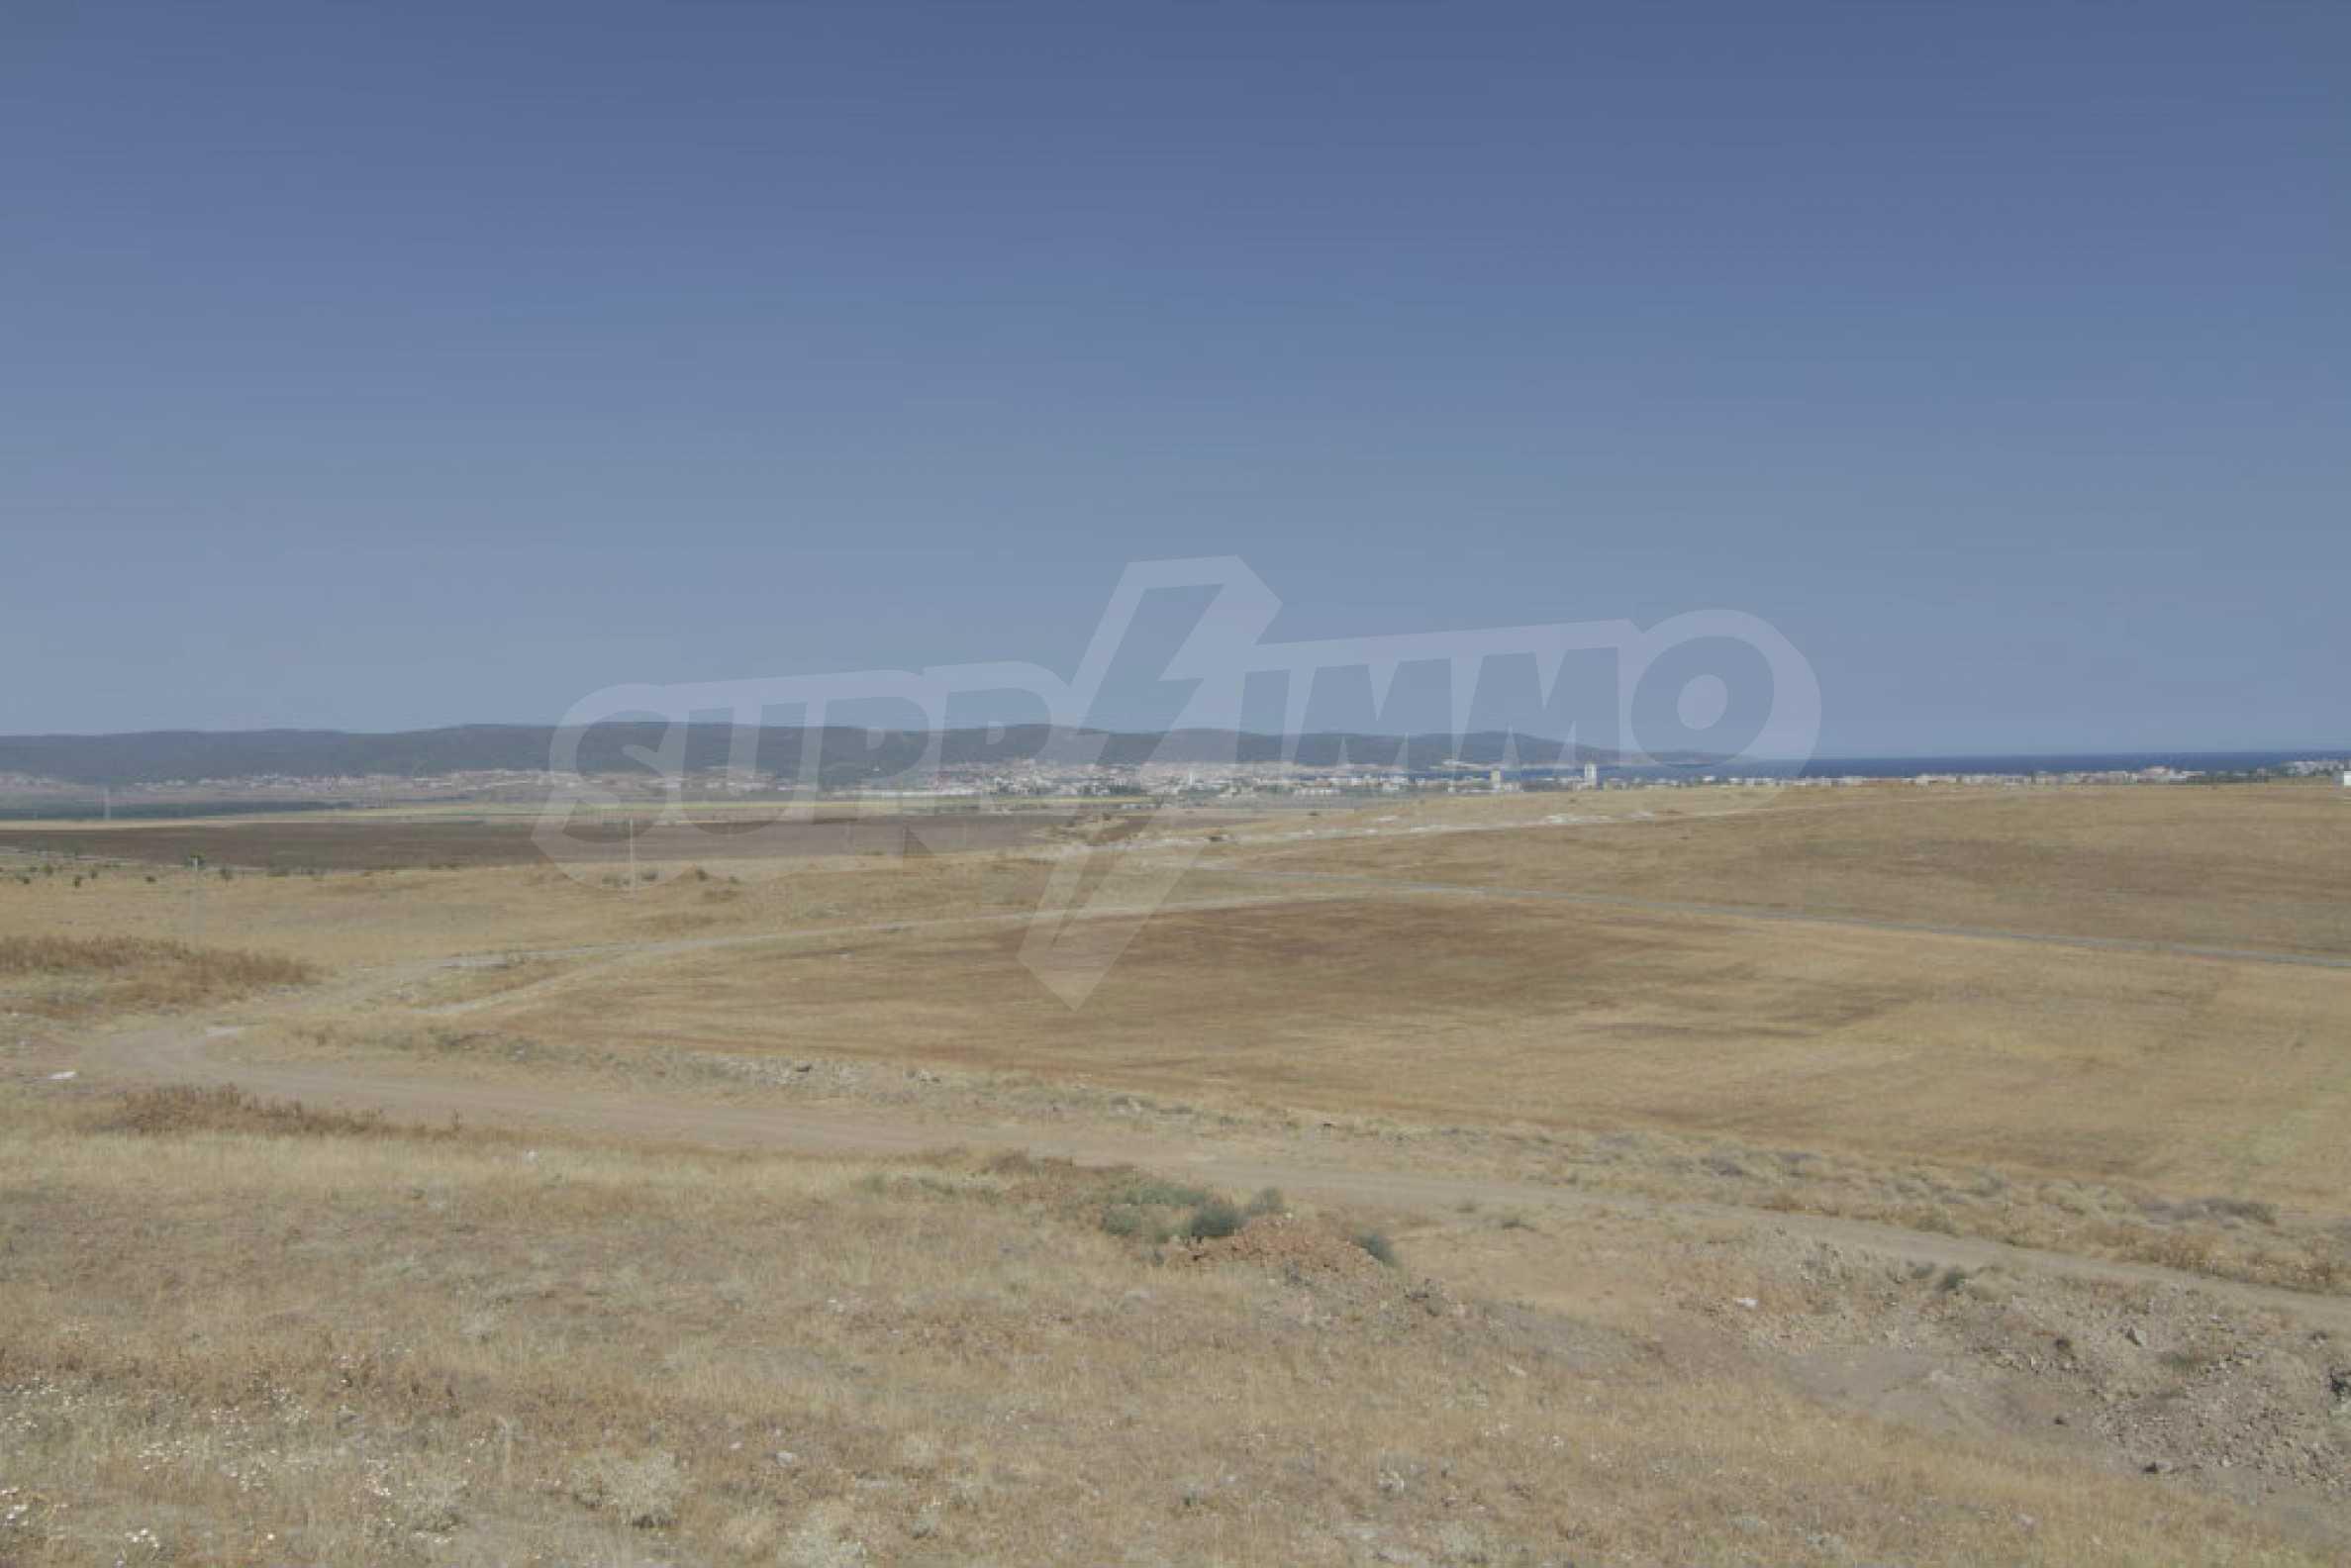 Attraktives Grundstück für Investieren in der Nähe des historischen Komplexes Aheloy 917 und Sonnenstrand, bei Tankowo und Aheloy 12